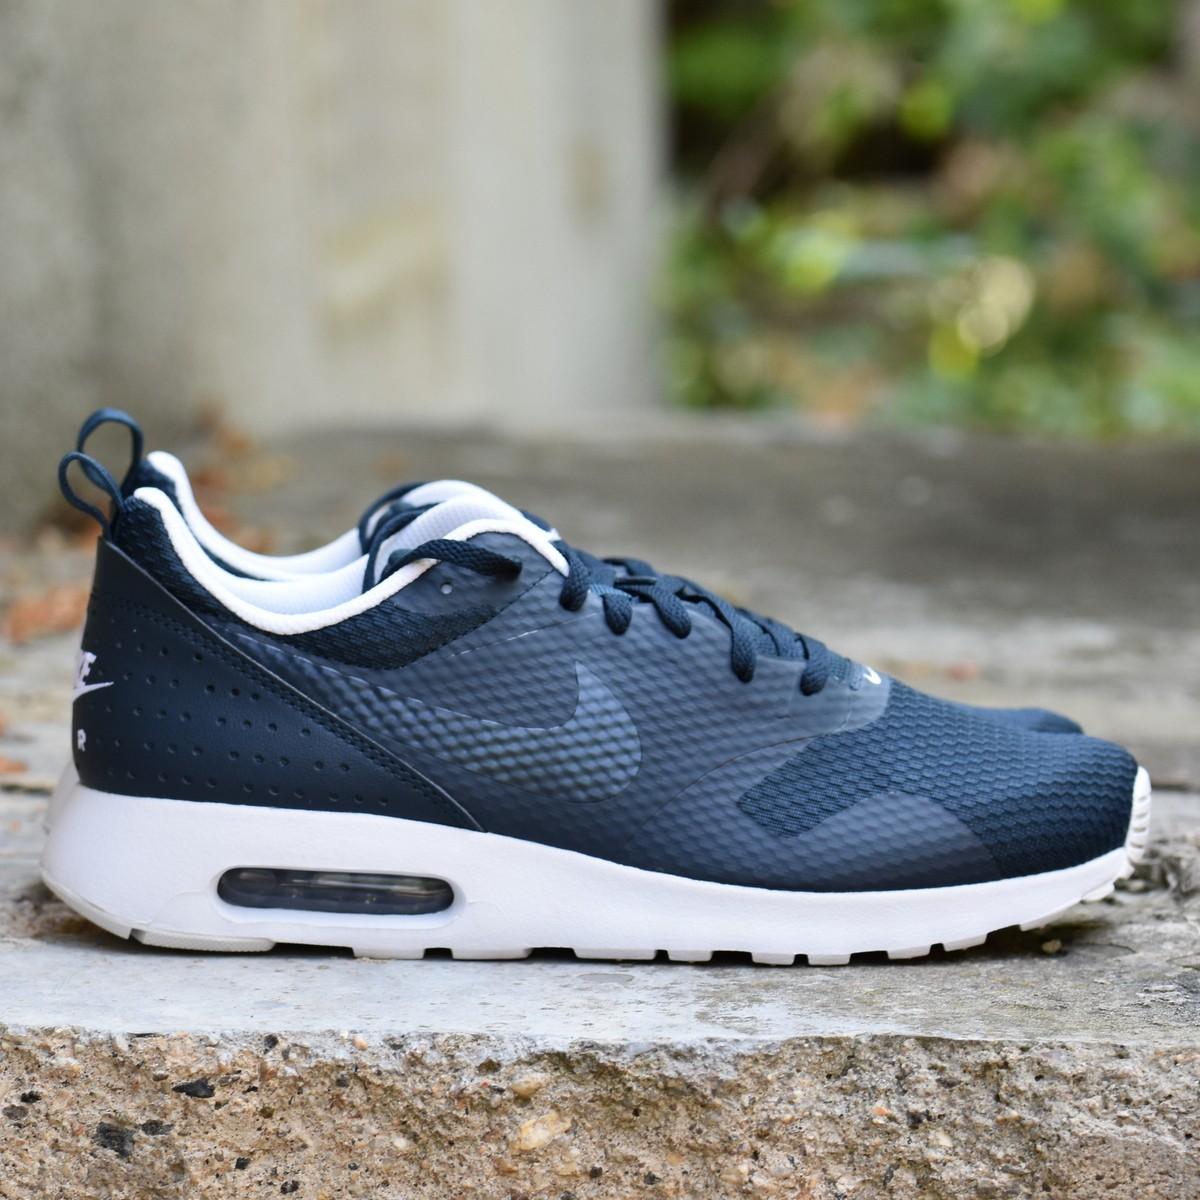 3276d18aa30 Nike AIR MAX TAVAS Pánské boty EU 41 705149-409